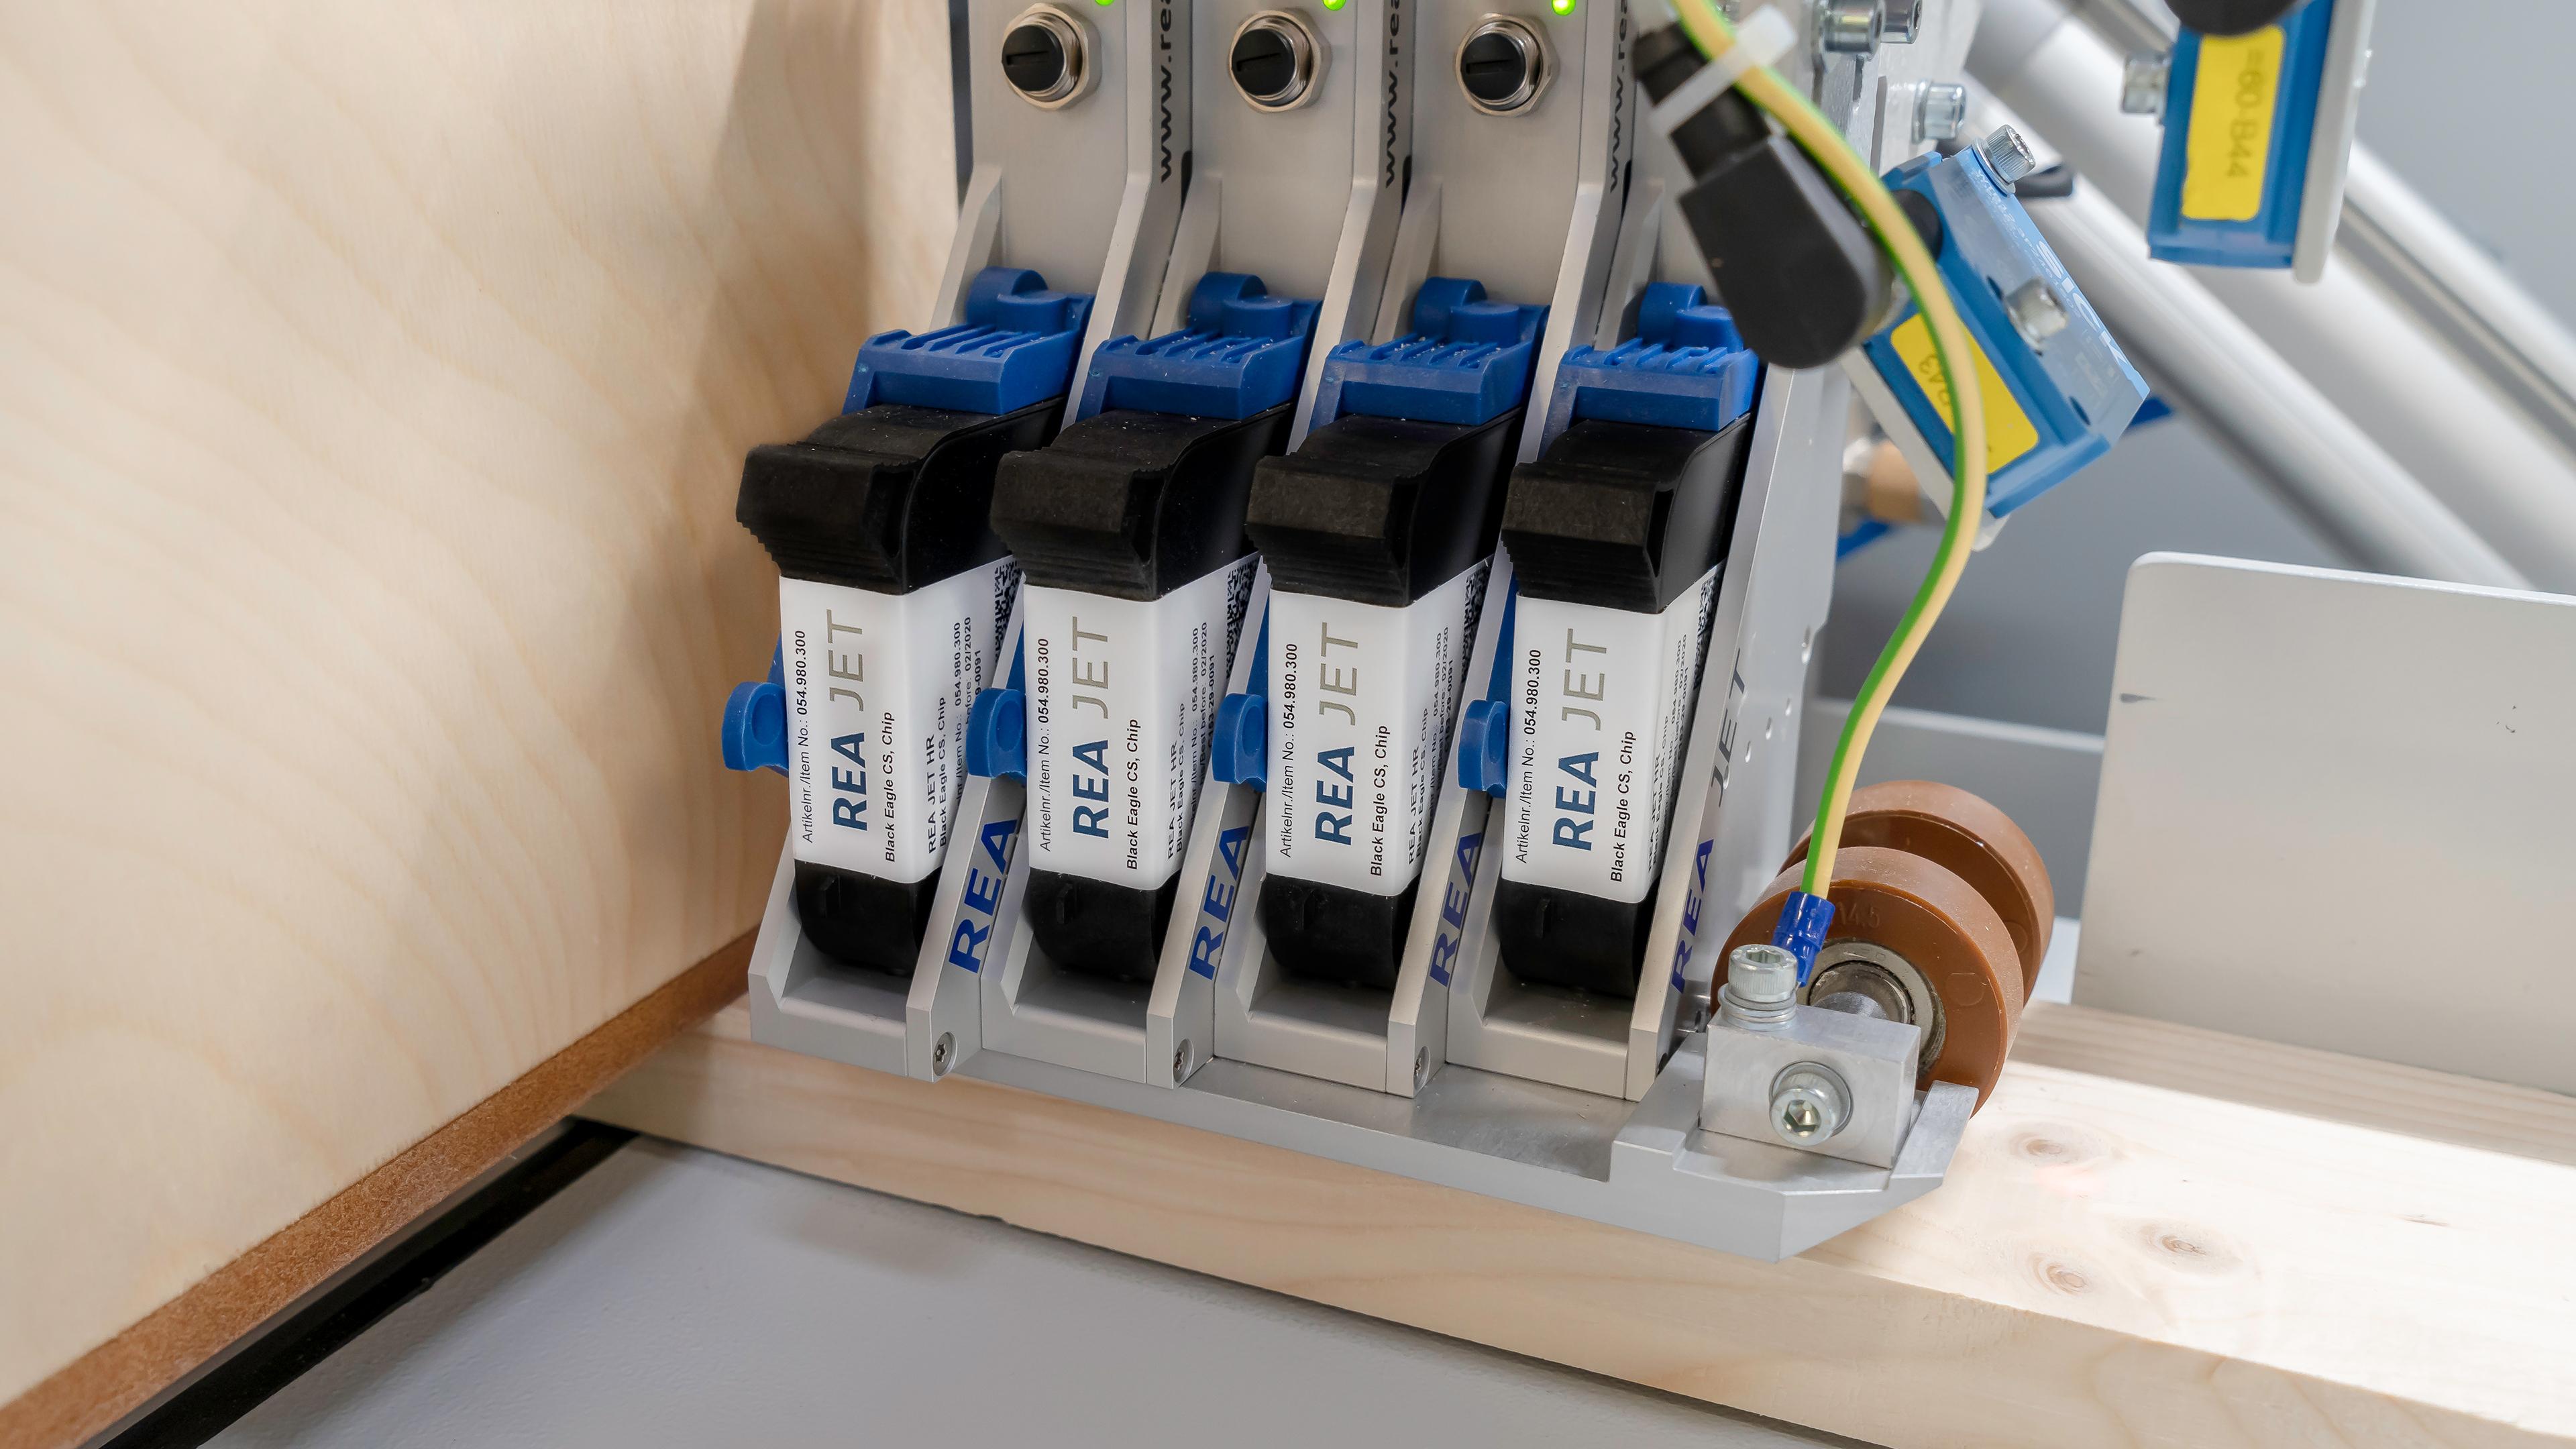 Slika 4: Označevanje elementov na optimirnem čelilniku OptiCut S50 z brizgalnim tiskalnikom.